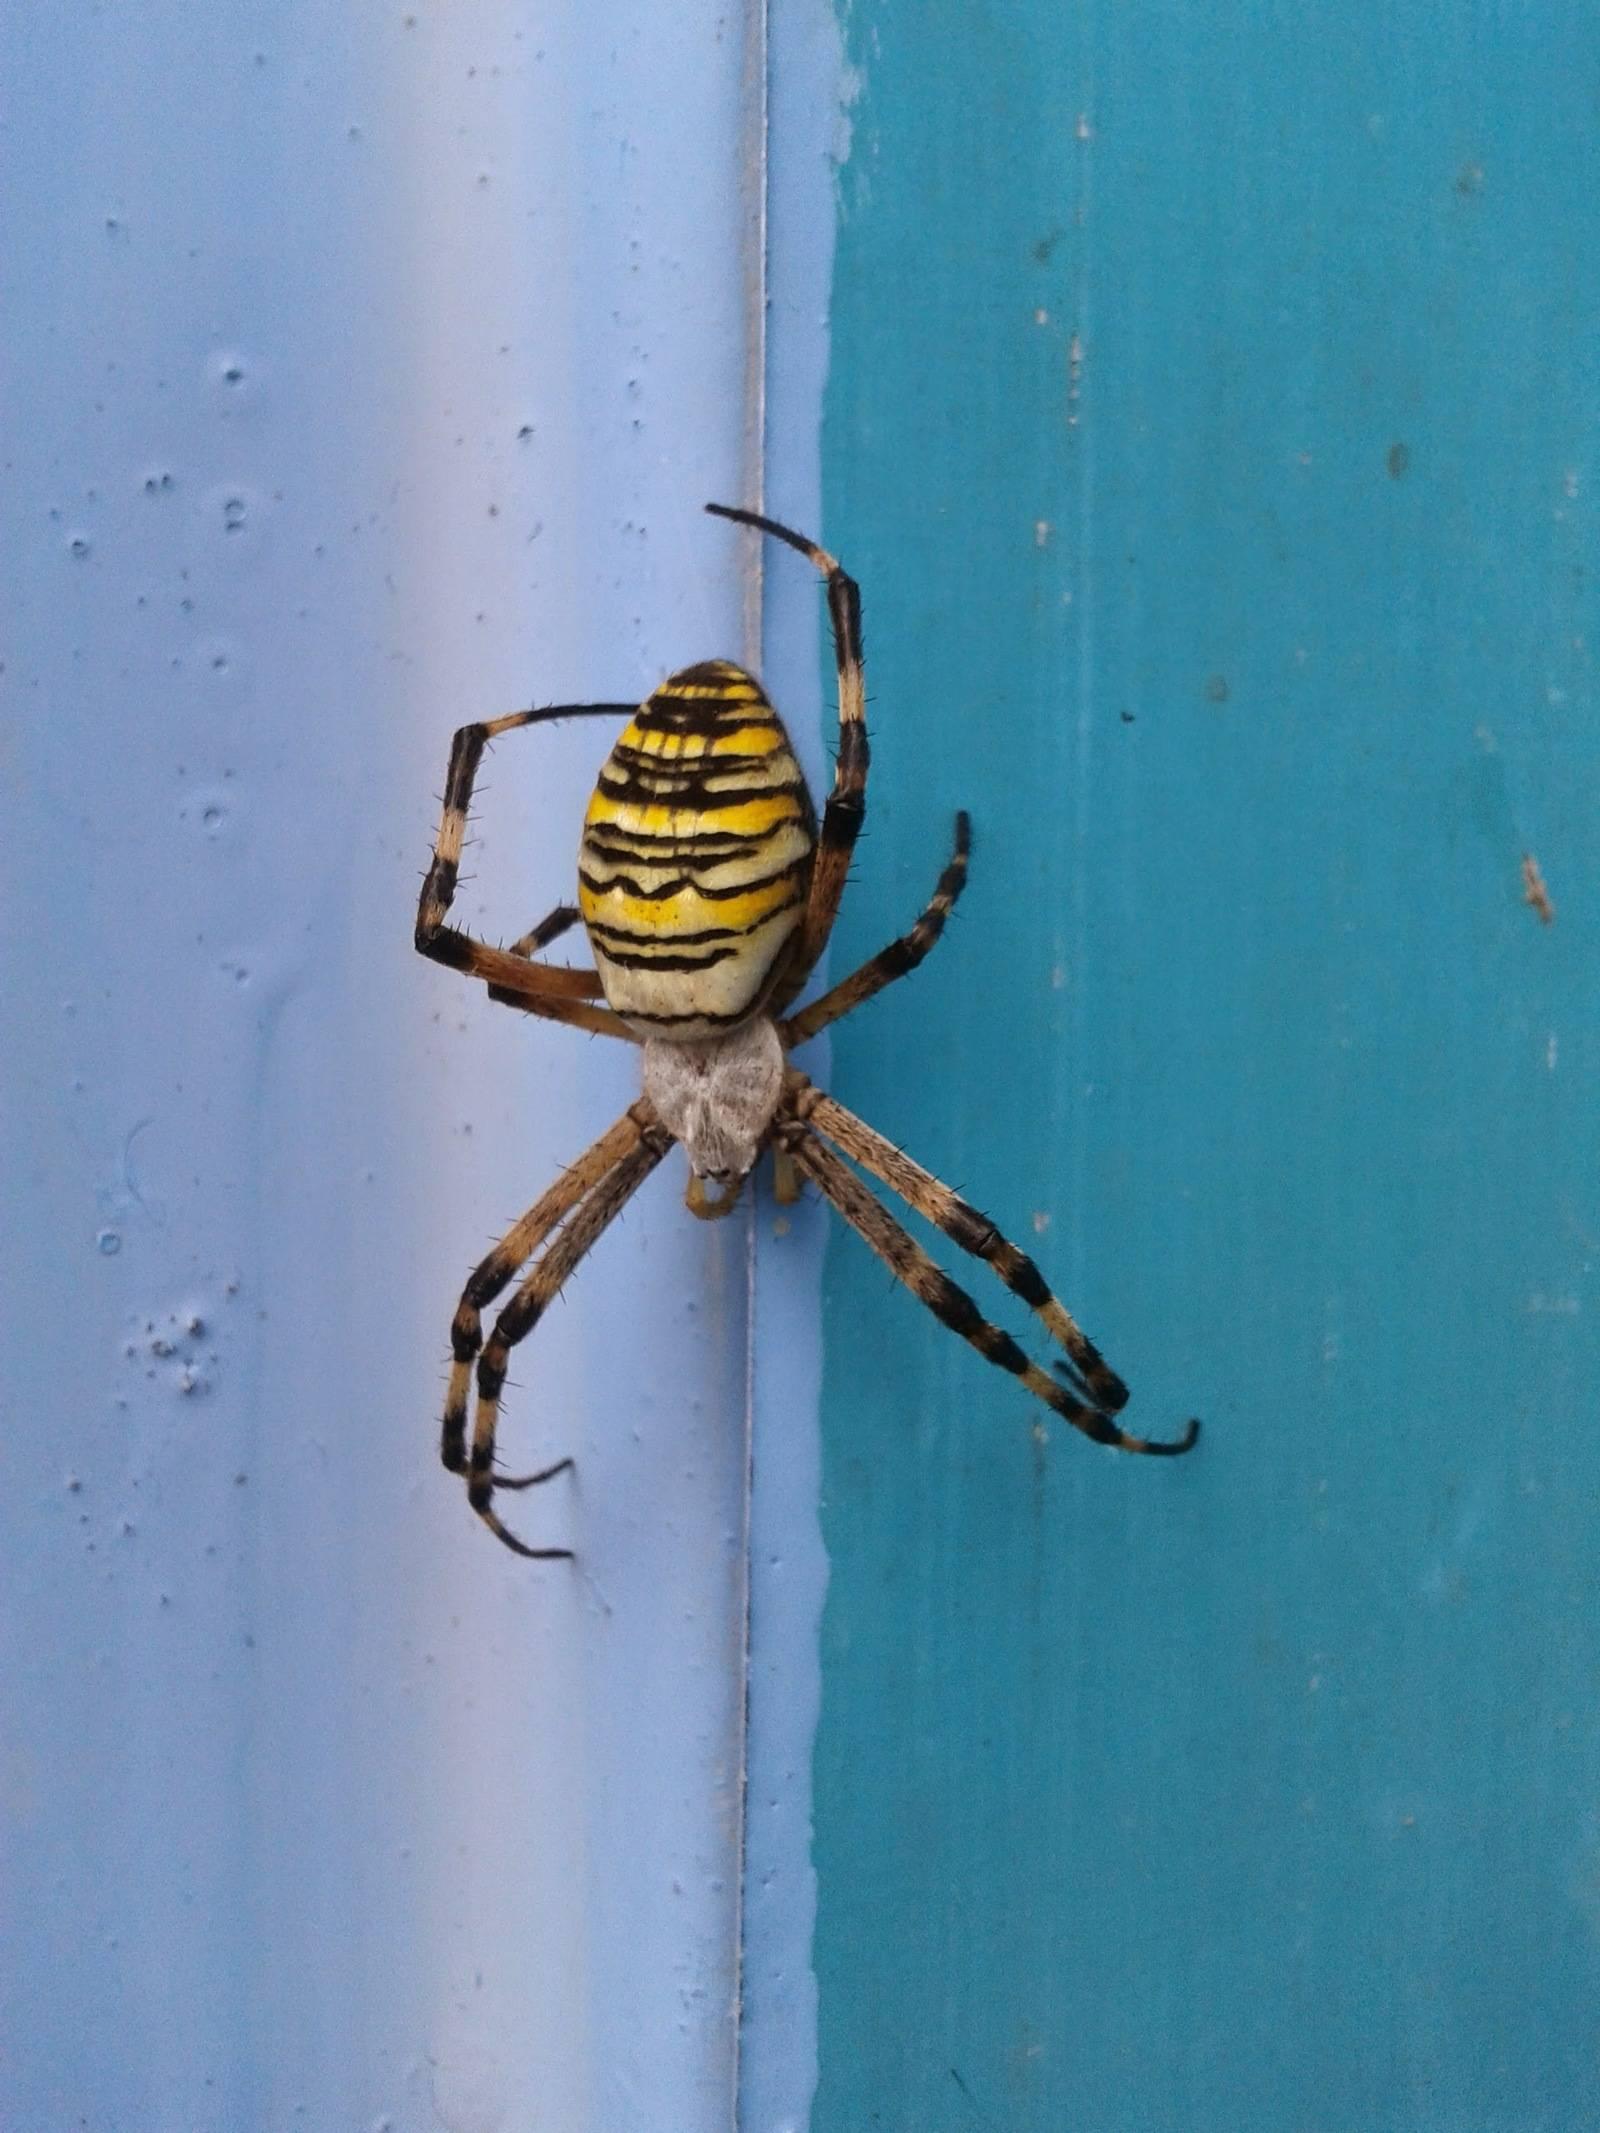 Симпатичный и коварный. паук с желтыми полосками